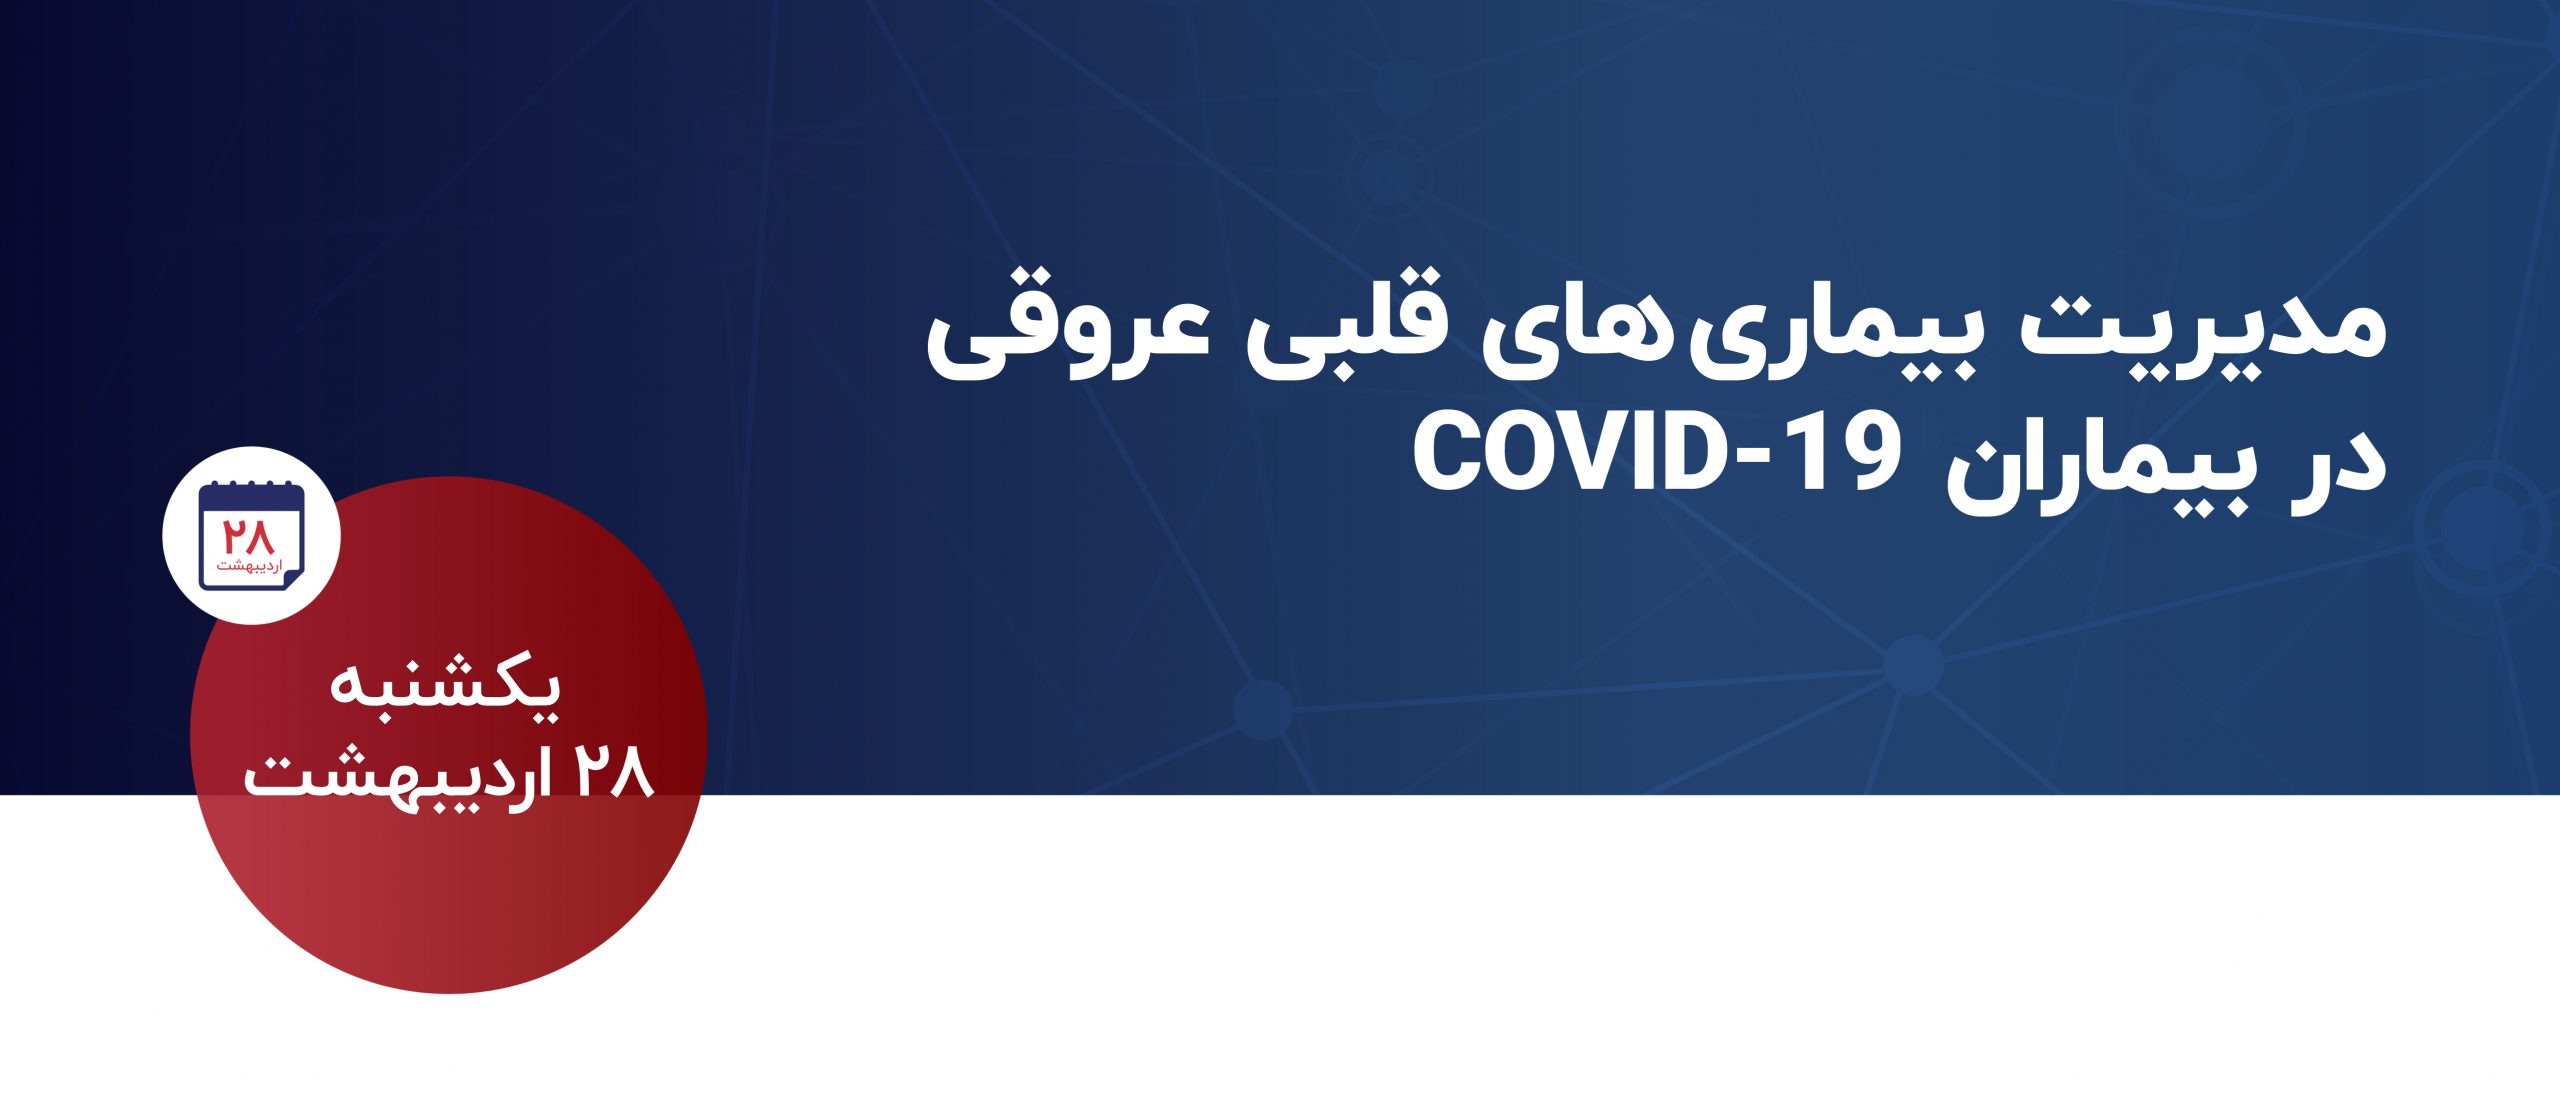 مدیریت بیماریهای قلبی عروقی در بیماران COVID-19